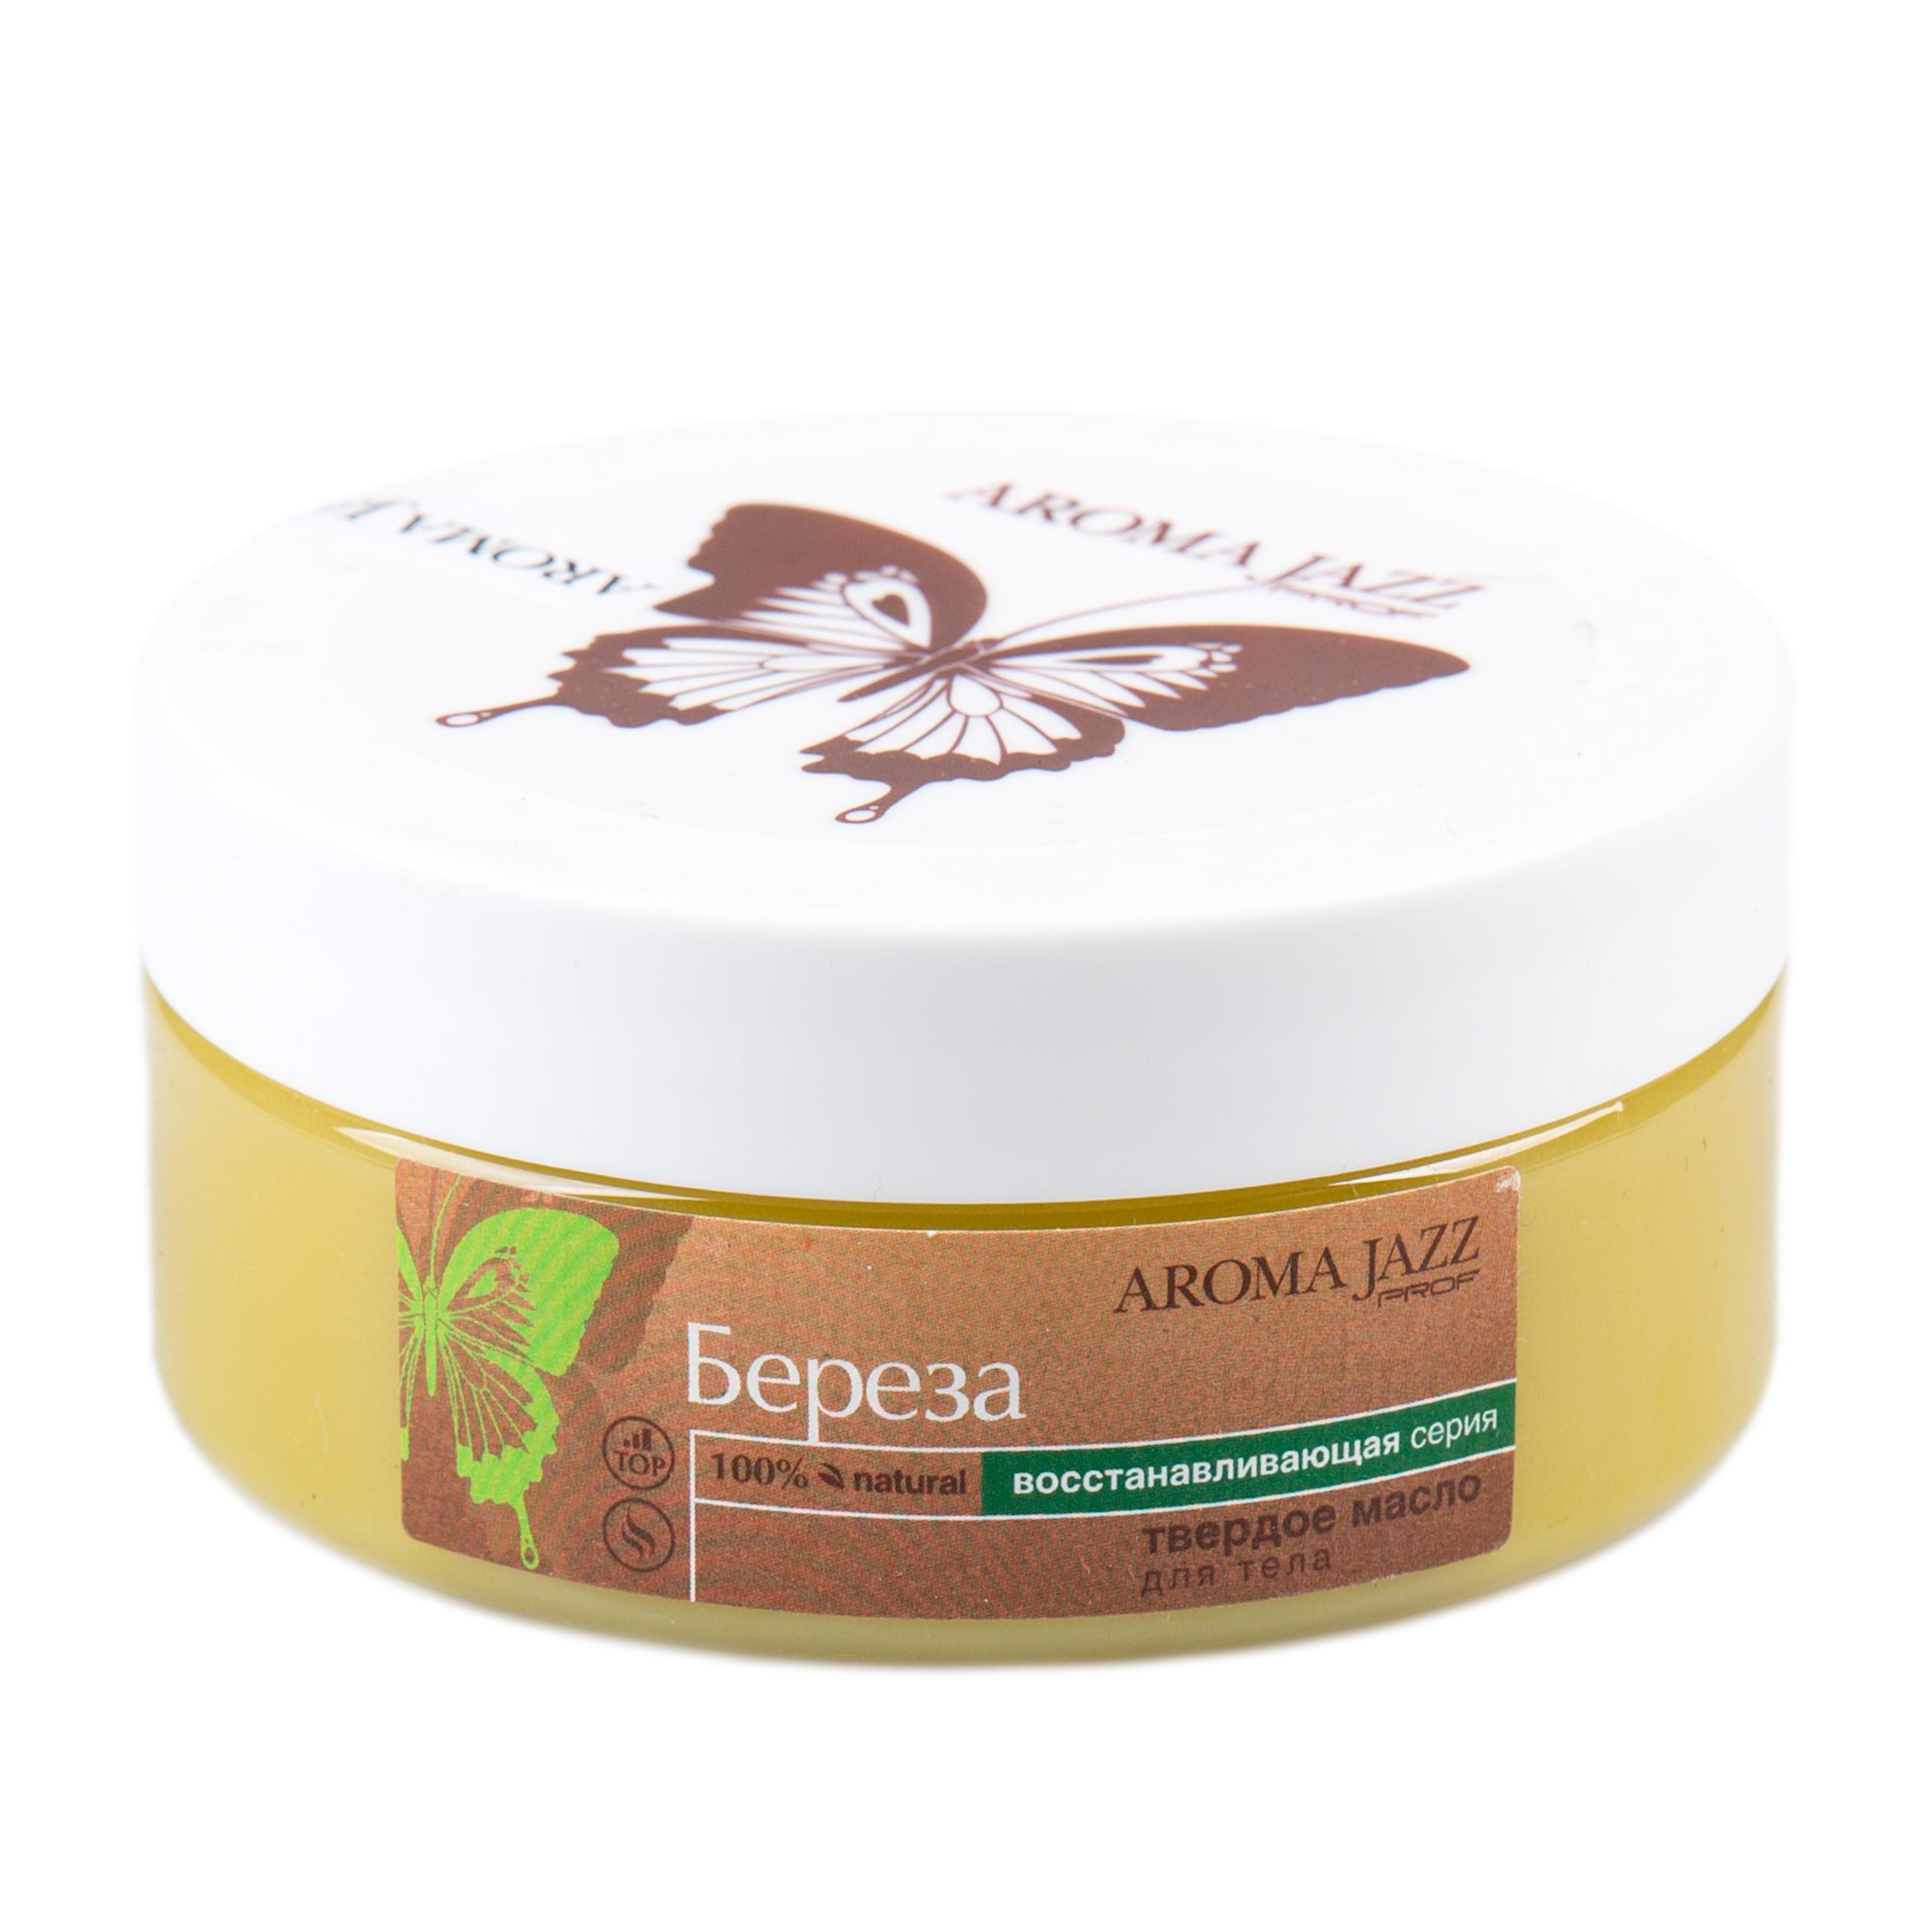 AROMA JAZZ Масло твердое Береза 150млМасла<br>Твердое масло для тела. Восстанавливающая серия Действие: масло способствует очищению от шлаков, обладает антисептическим и противовоспалительным действием, насыщает кожу витаминами, повышает ее защитный барьер Активные ингредиенты: масла кокоса, какао, оливы, авокадо; экстракты березовых почек и горчицы;натуральная эссенция березы; пчелиный воск, хлорофиллипт. Способ применения: рекомендовано для проведения любого вида массажа,увлажнения и питания кожи после душа, горячих ванн и SPA-процедур в салоне и дома; великолепно в антицеллюлитных обертываниях; рекомендуется использовать одноразовое белье. Противопоказания: индивидуальная непереносимость компонентов<br><br>Вид средства для лица: Восстанавливающий<br>Возраст применения: После 25<br>Типы кожи: Для всех типов<br>Консистенция: Твердая